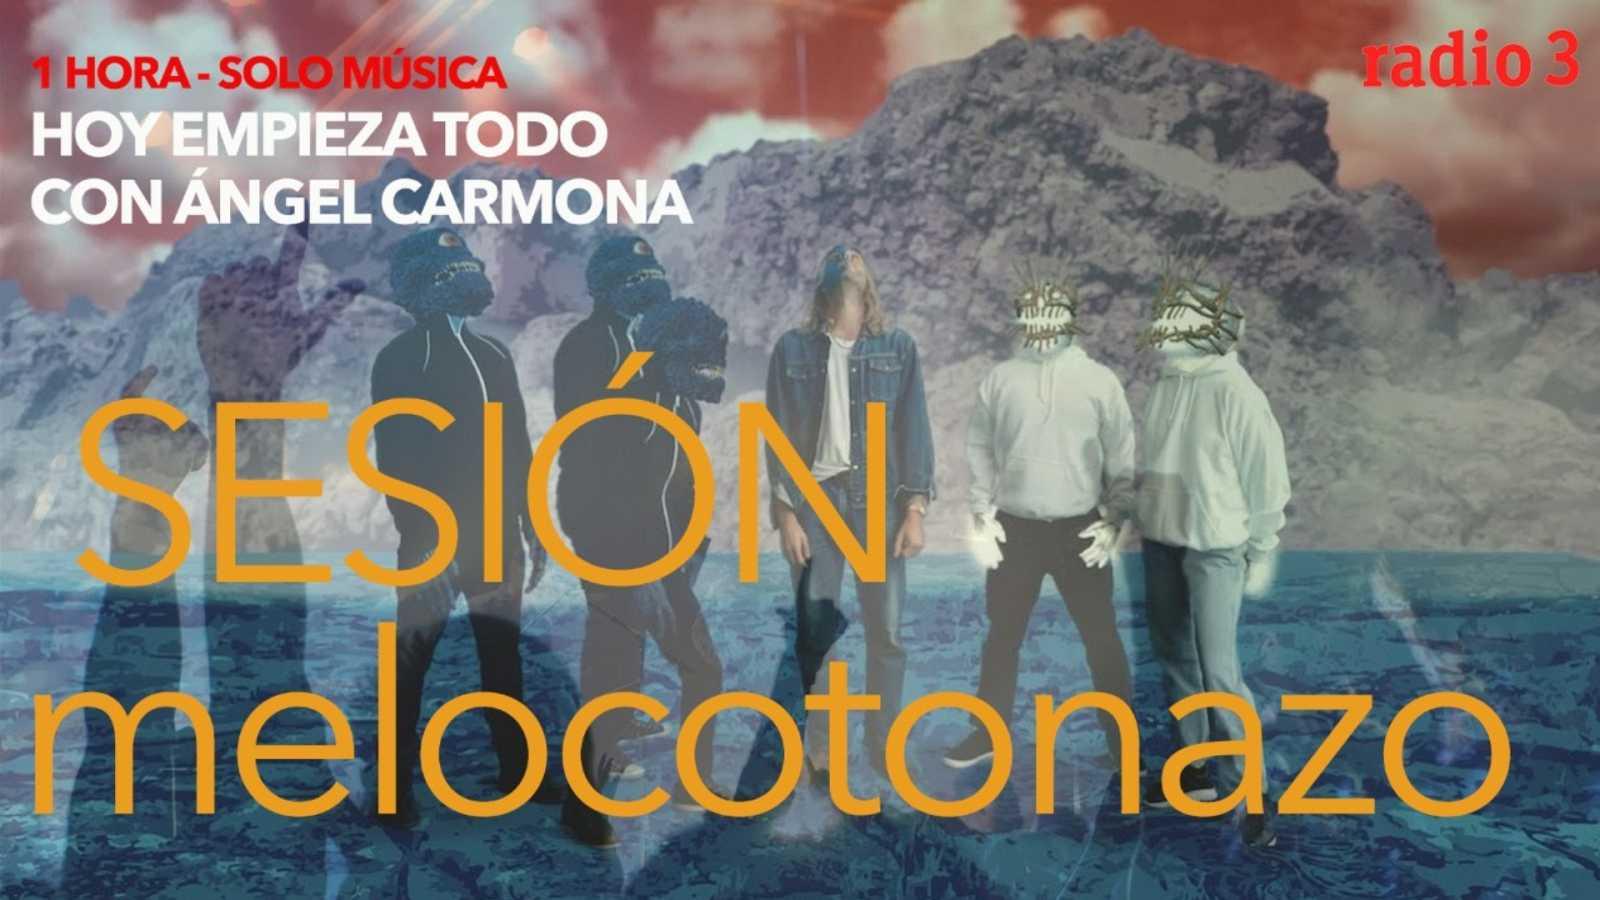 Hoy empieza todo con Ángel Carmona - #SesiónMelocotonazo: The flaming lips, Awolnation, Miss Cafeina... - 13/01/21 - escuchar ahora